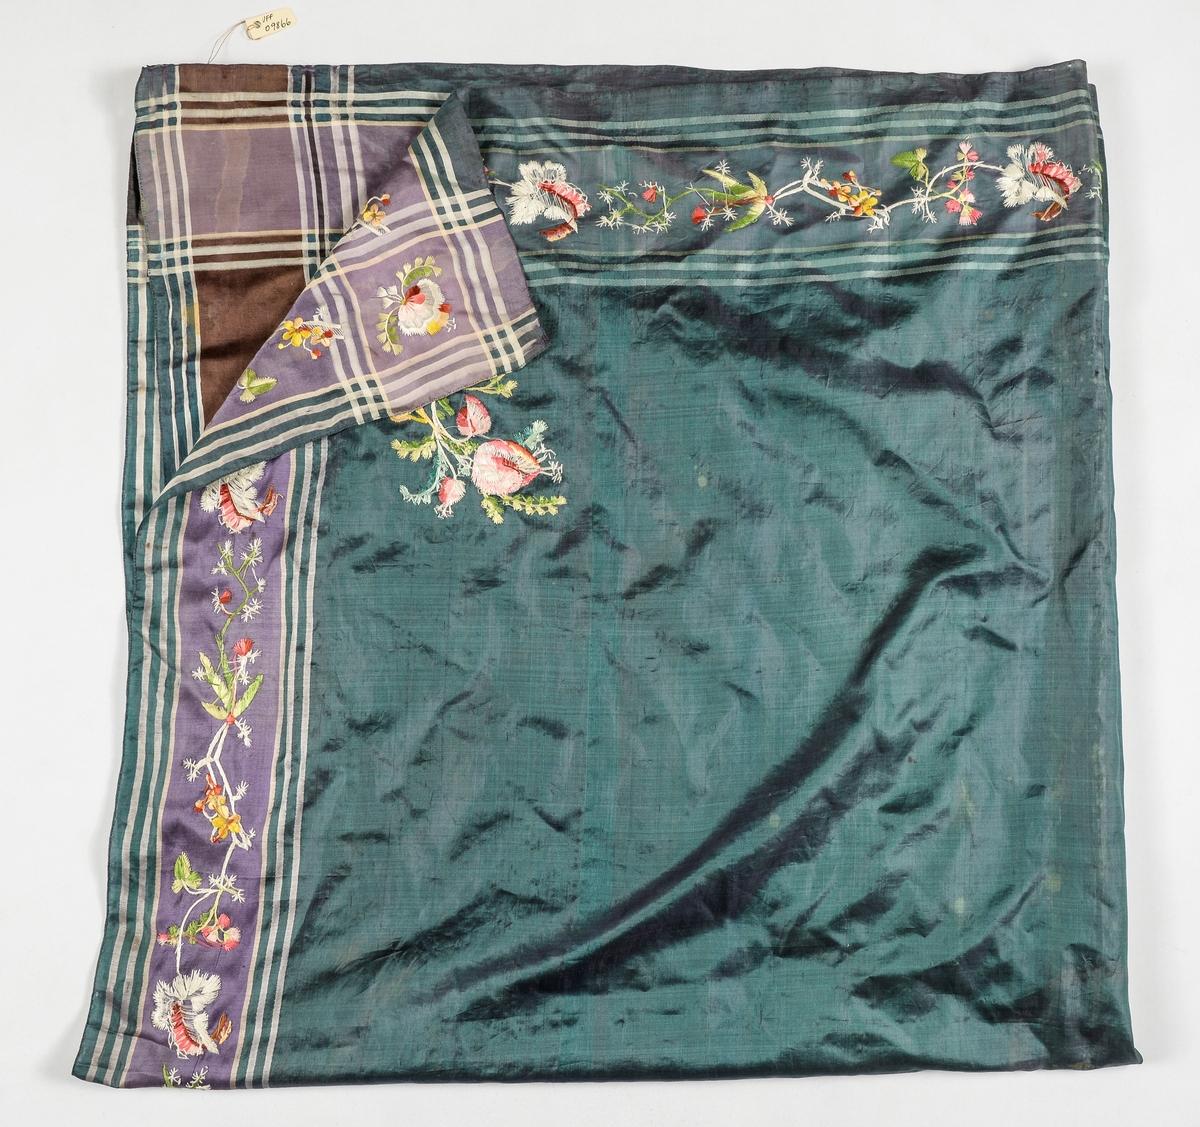 Tørkle i blå-grønn silke. Striper i brunt, grønt og kvitt langs to sider, og dei to andre sidene er stripa i fiolett, grønt og kvitt. broderte blomstermotiv i snippen.  To-preikeplagg.